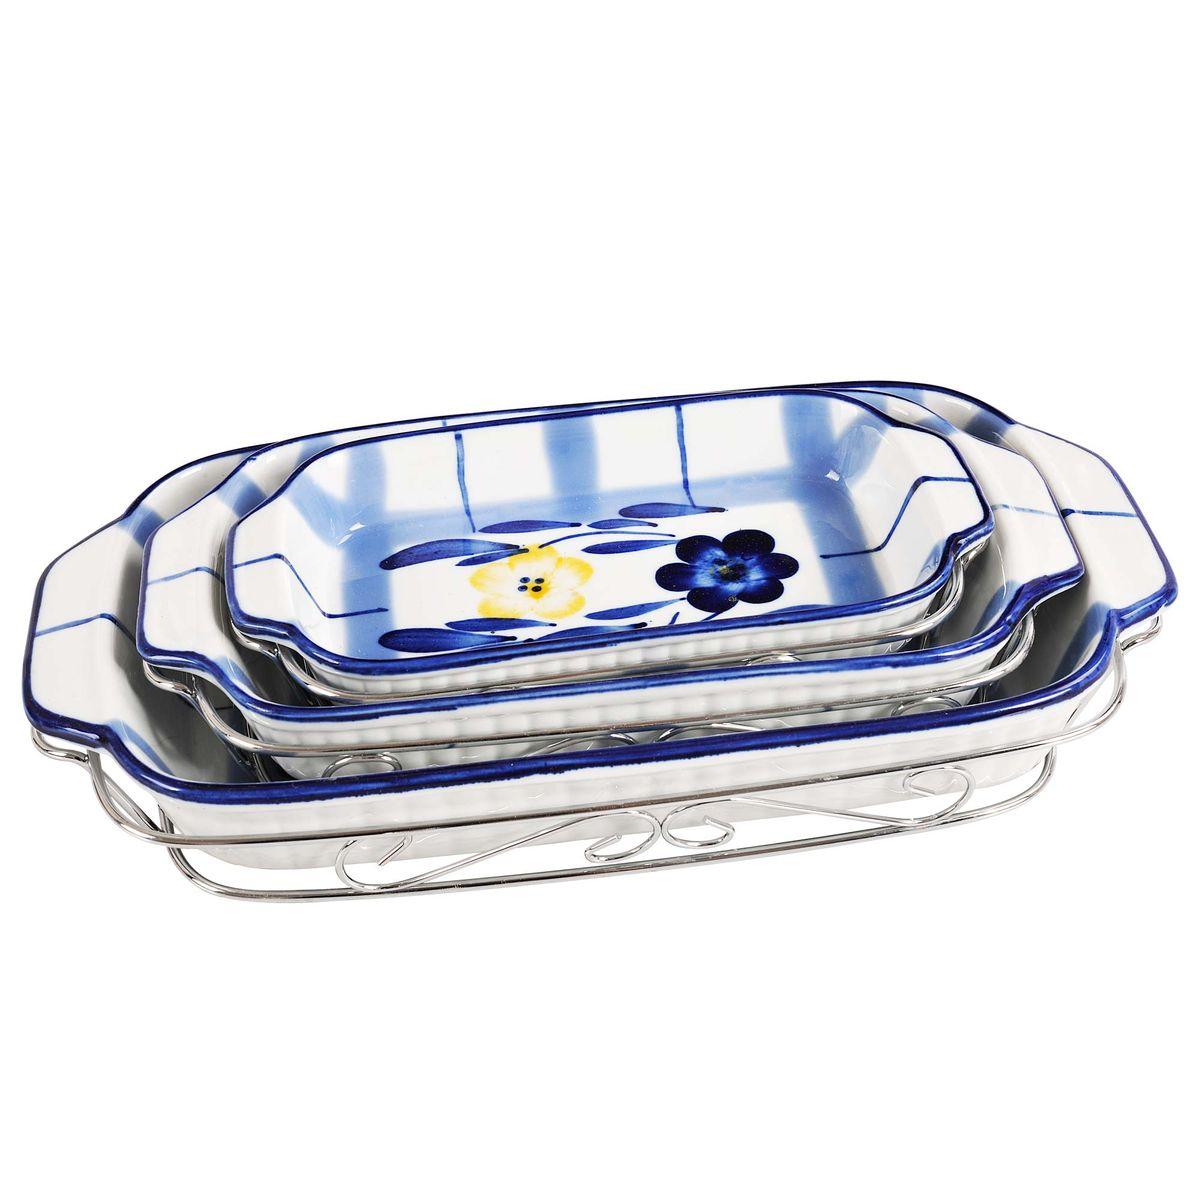 Набор блюд BK-7308 из 6 прBK-73083 блюда на подставках метал.: (21*11*3; 25,5*14*3,5; 31*16*4.5см). Состав: жаропр. керамика.